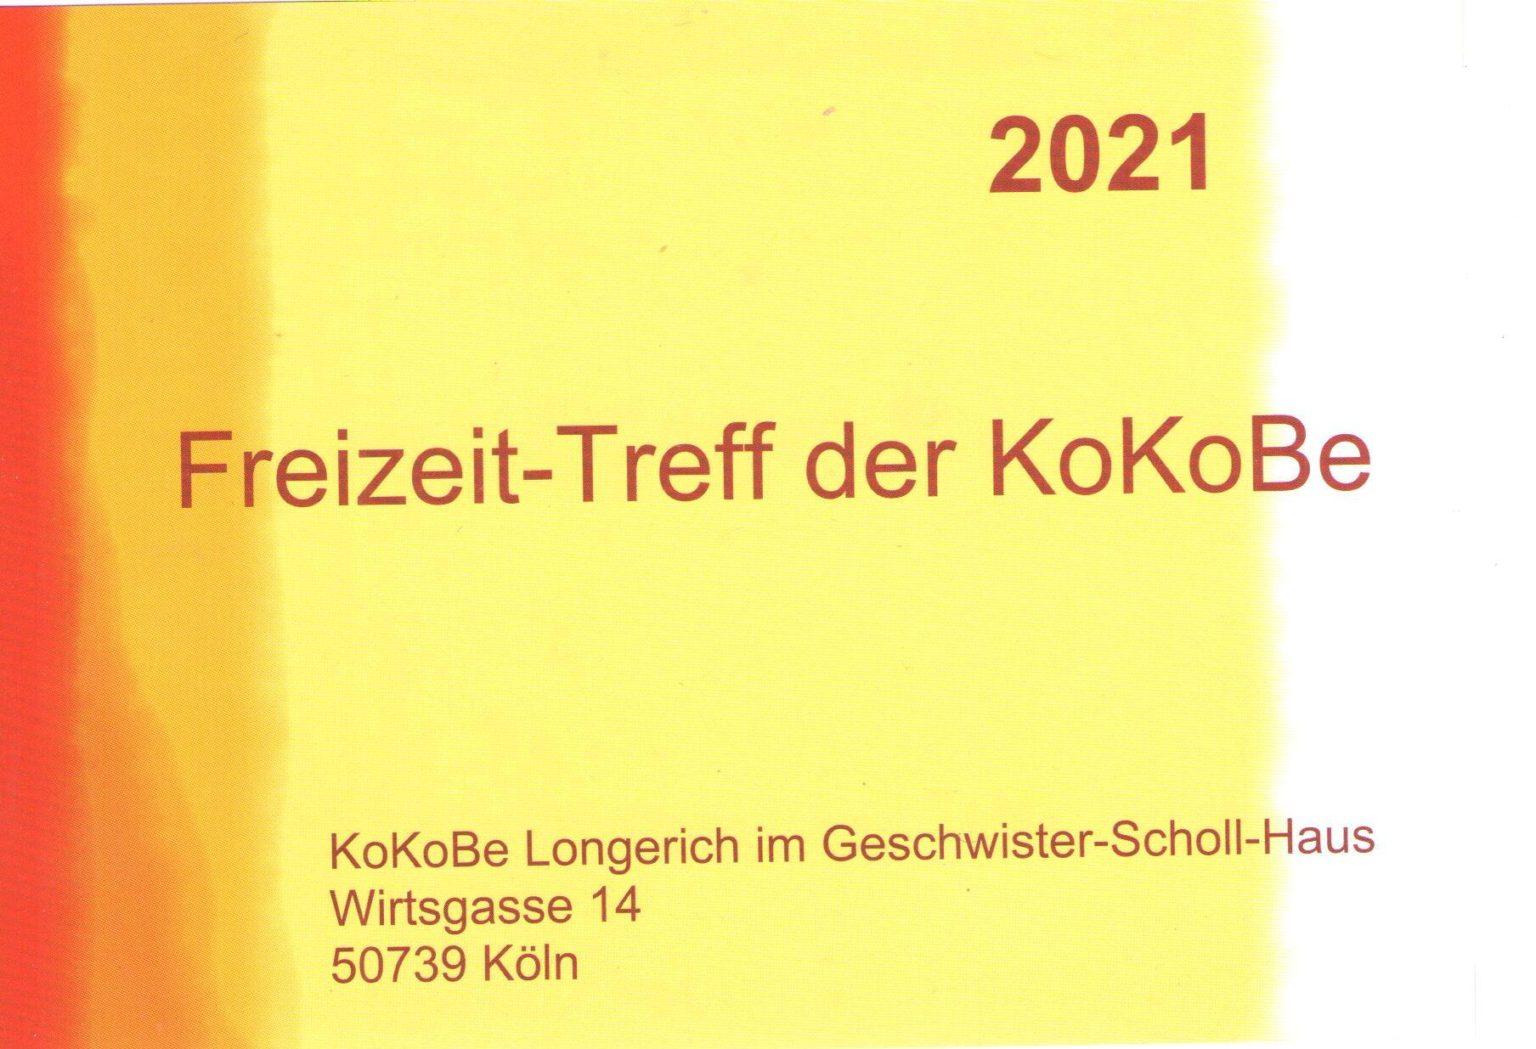 Freizeitangebote der 4 Kölner KoKoBe - KoKoBe Köln